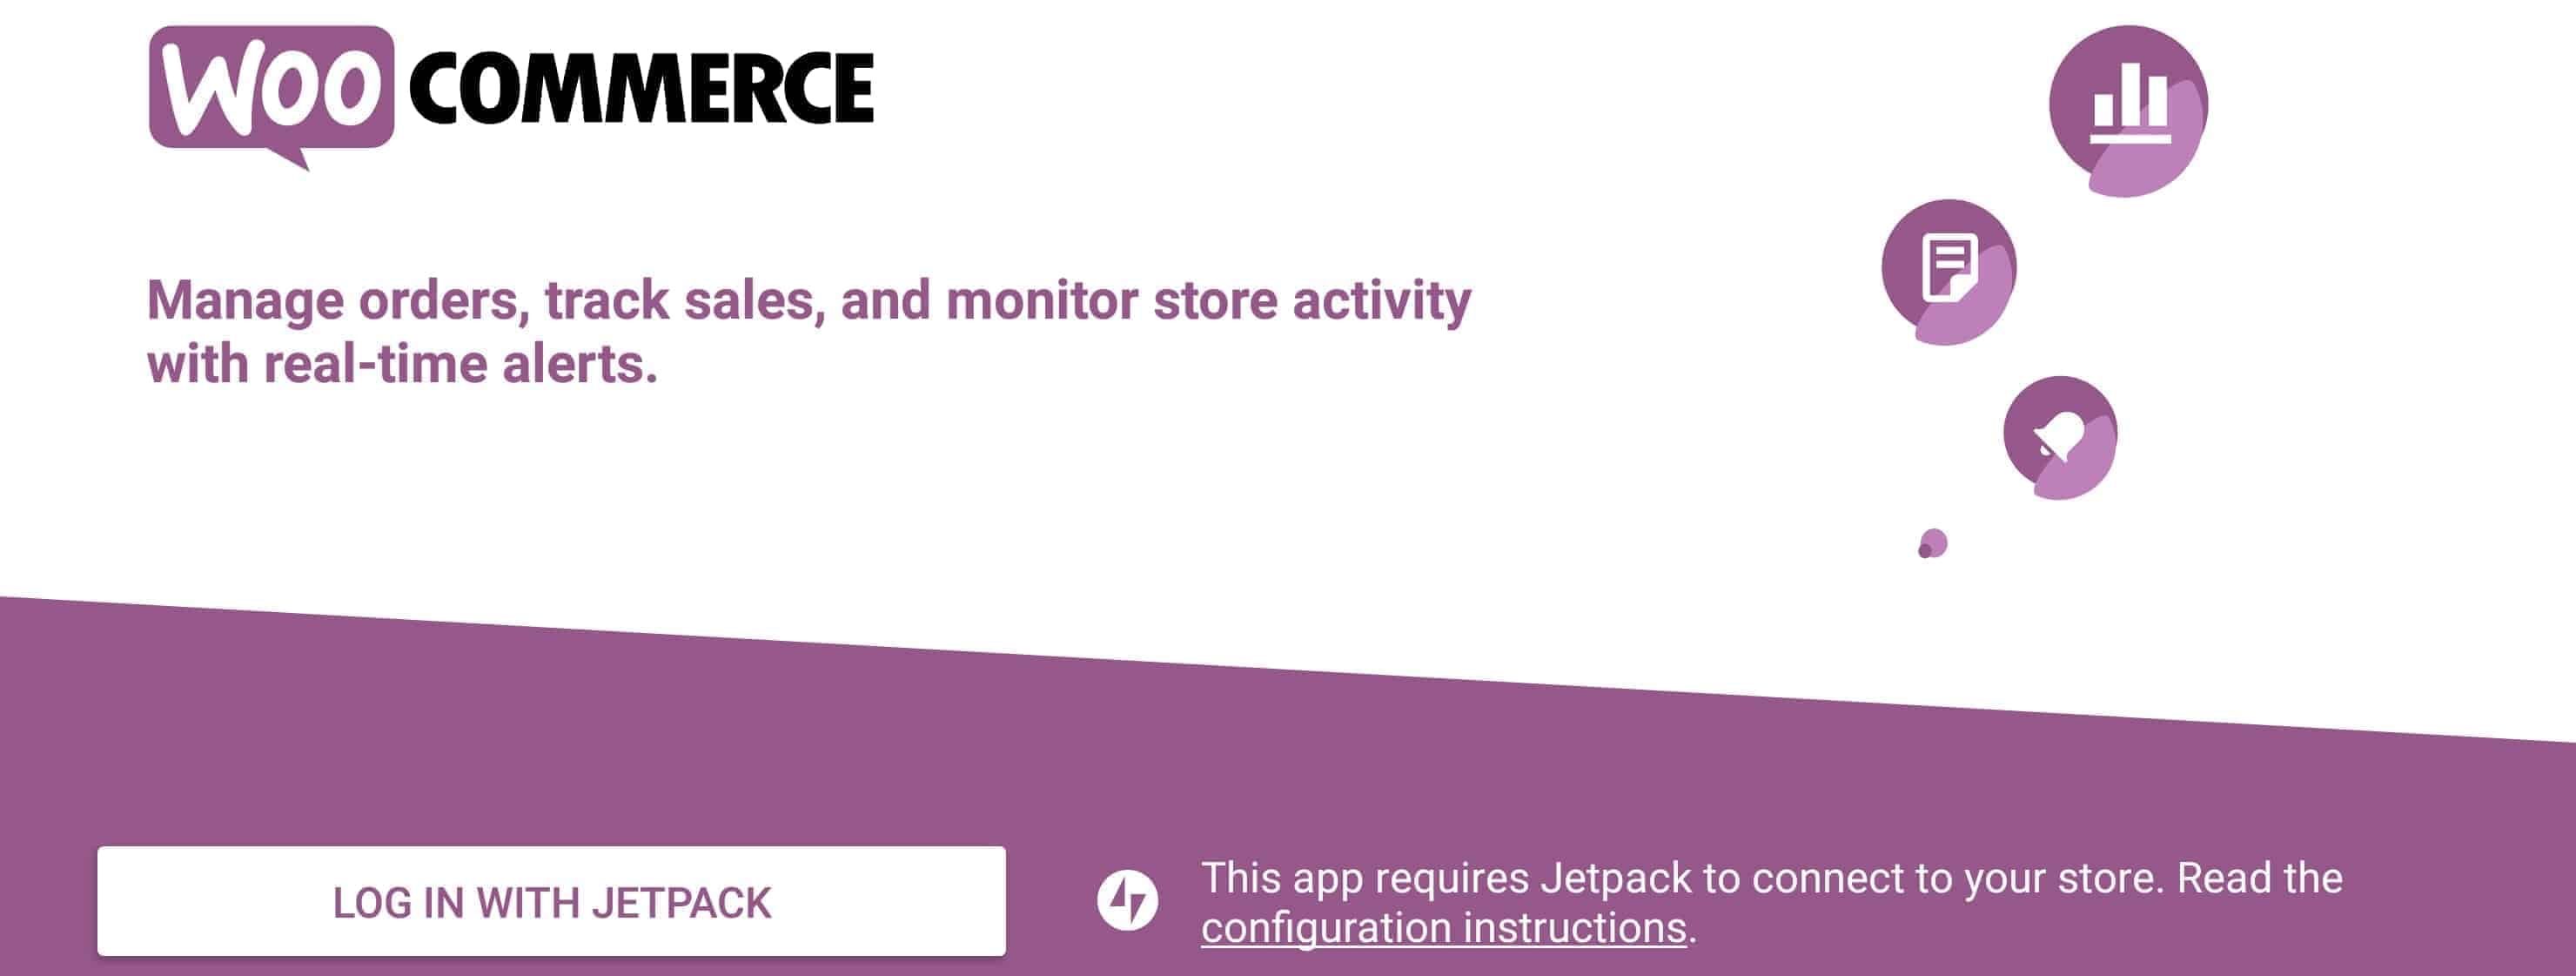 Aplikacja mobilna woocommerce